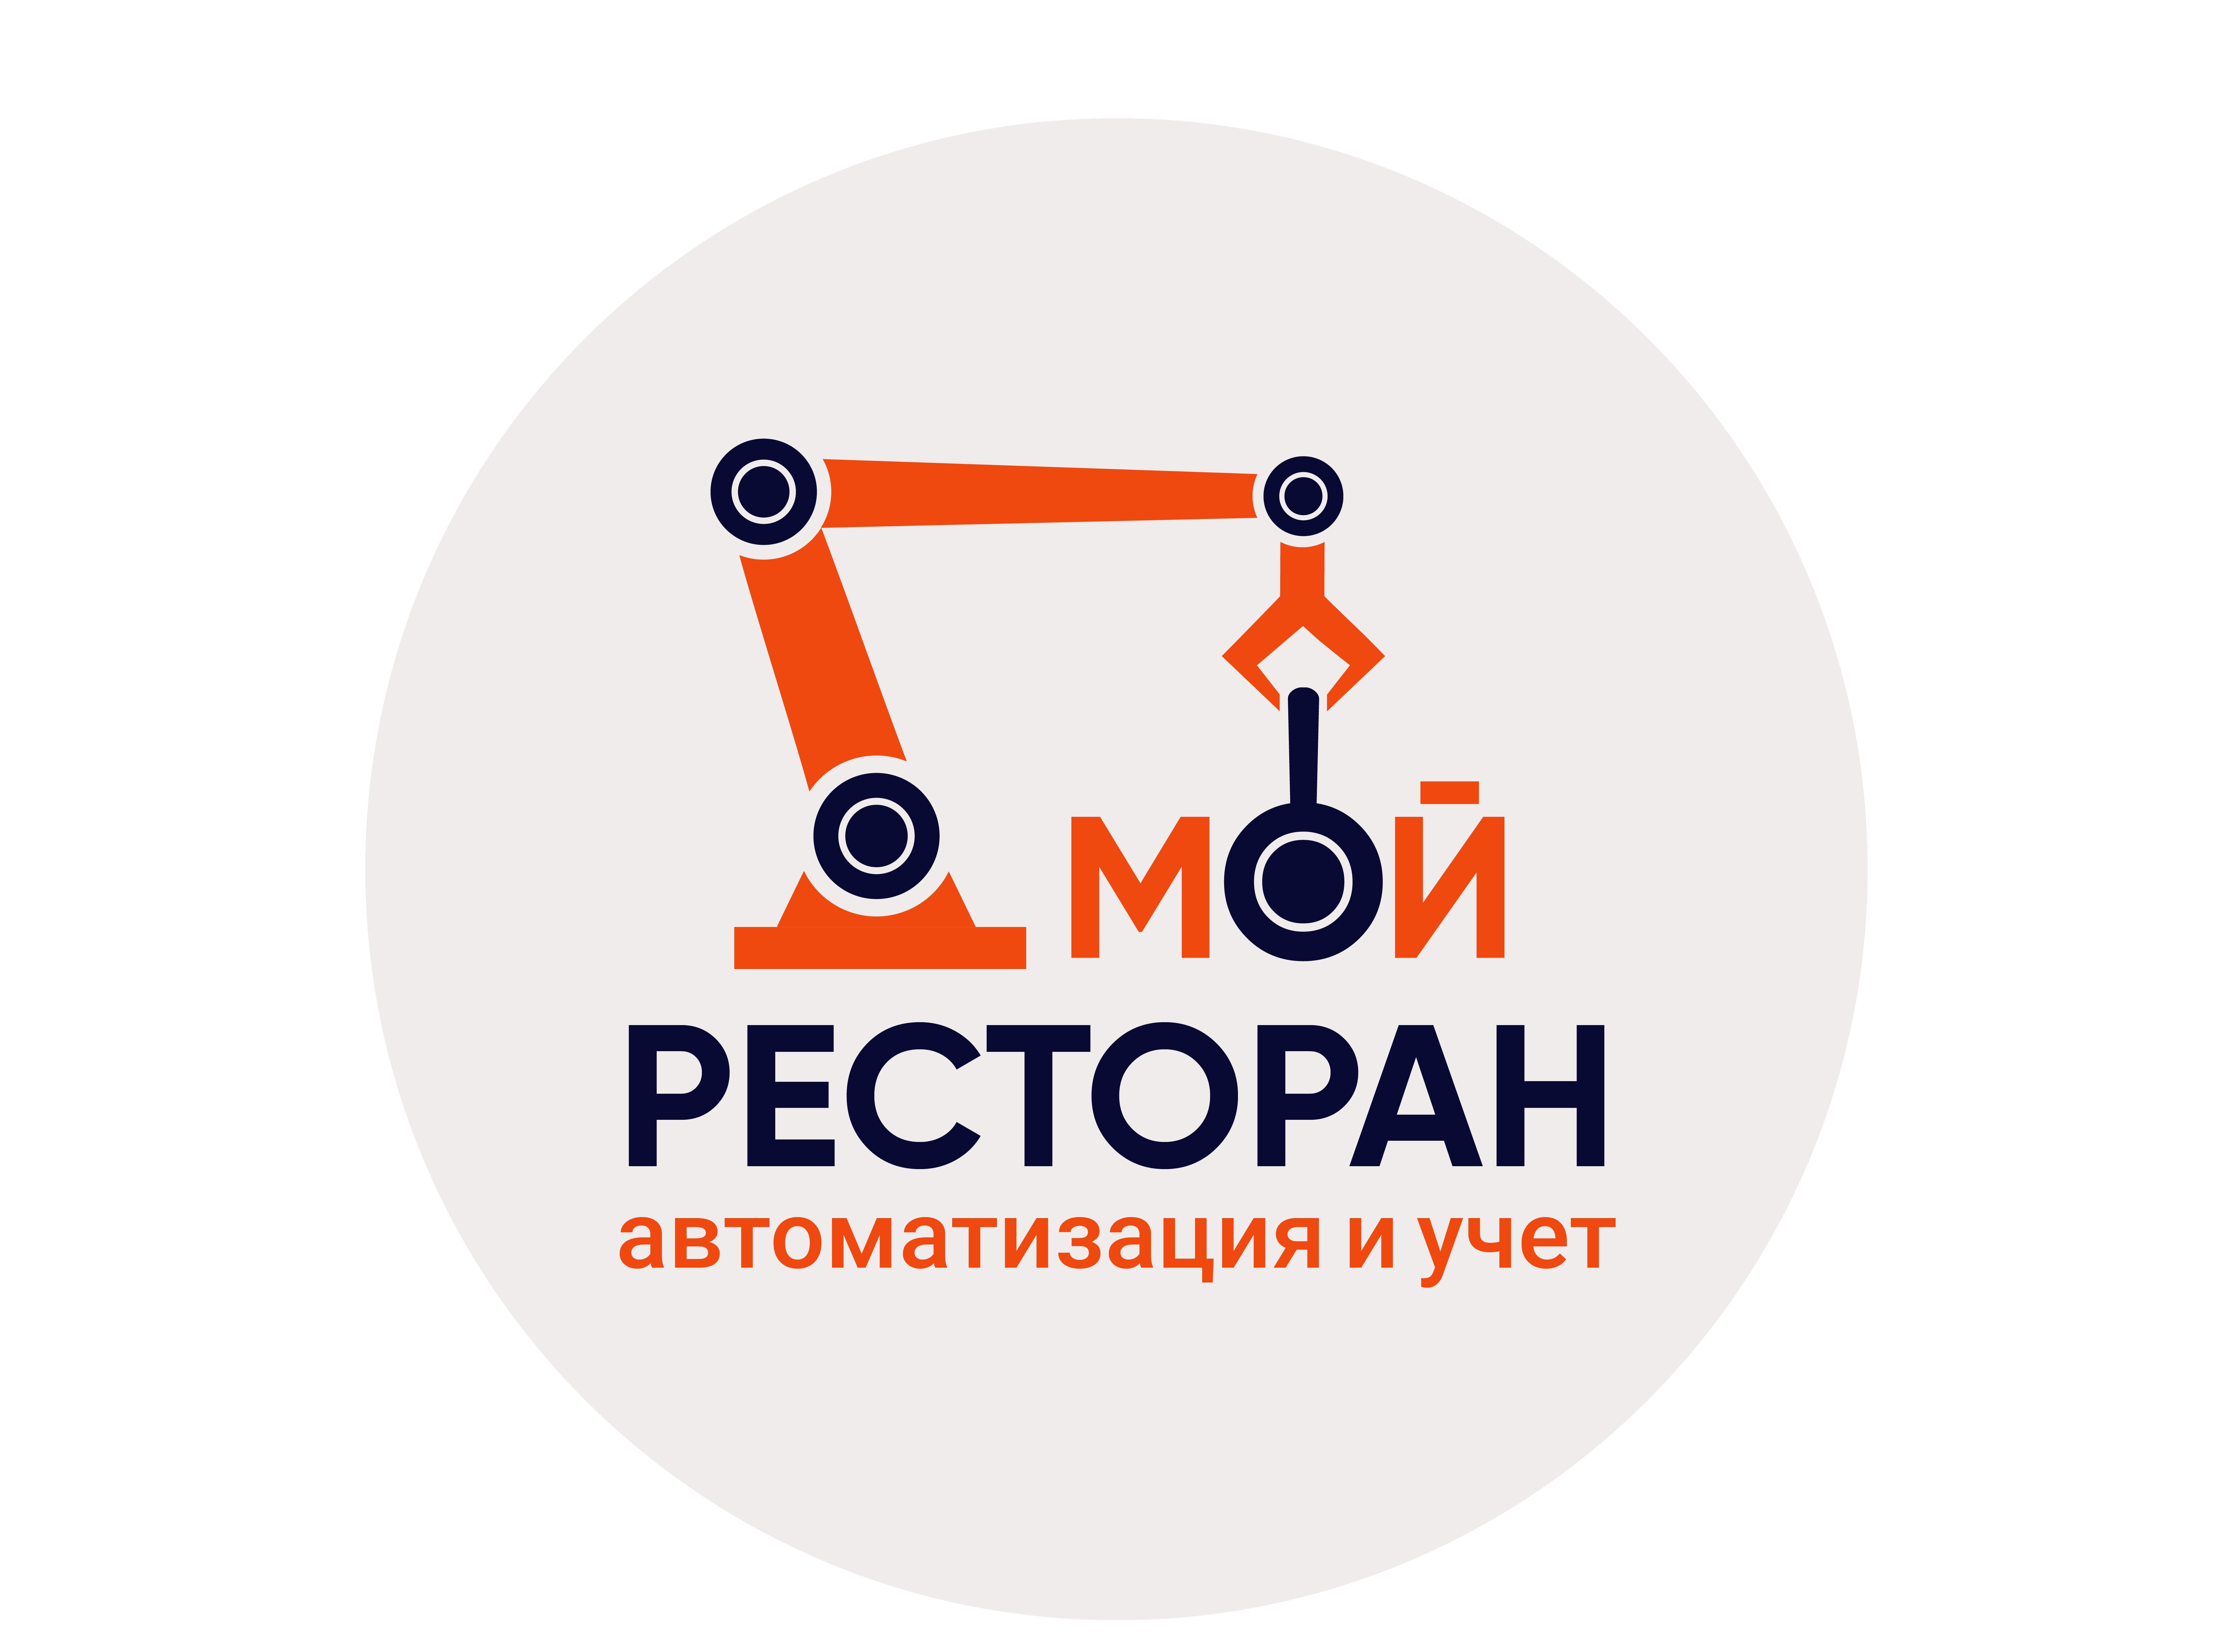 Разработать логотип и фавикон для IT- компании фото f_8445d5529e3a0e2f.png